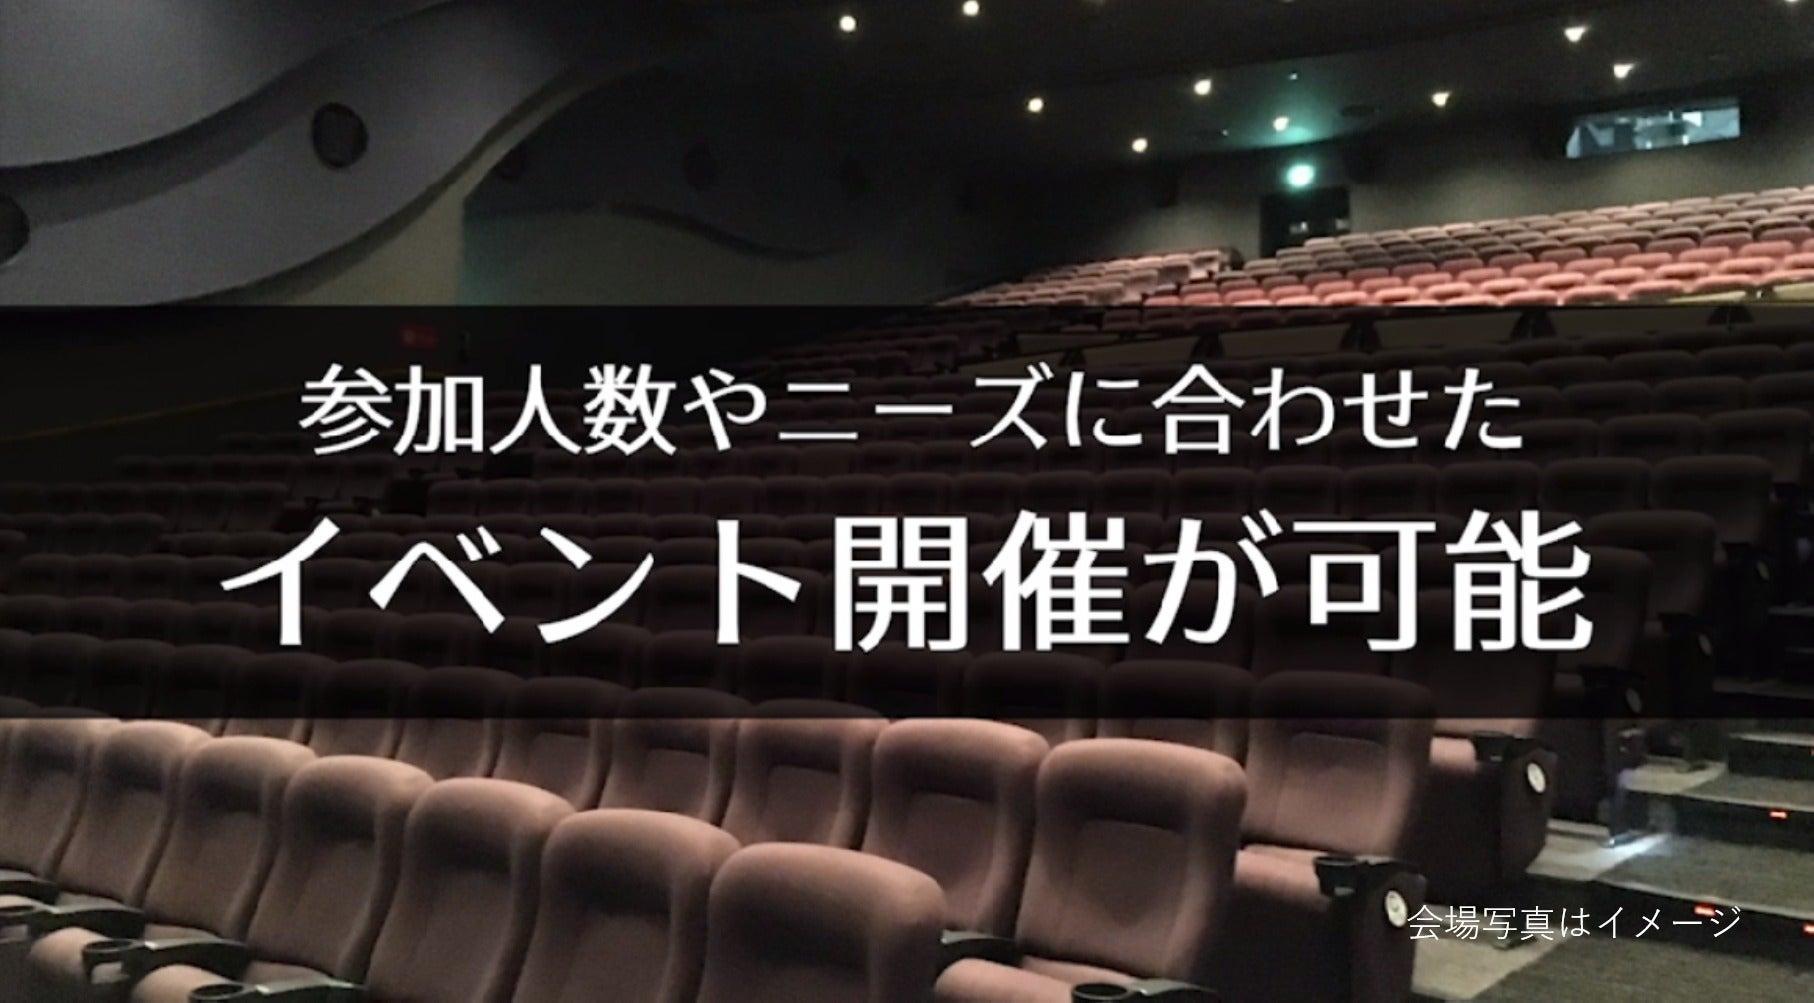 【わかば 116席】映画館で、会社説明会、株主総会、講演会の企画はいかがですか?(ユナイテッド・シネマわかば) の写真0